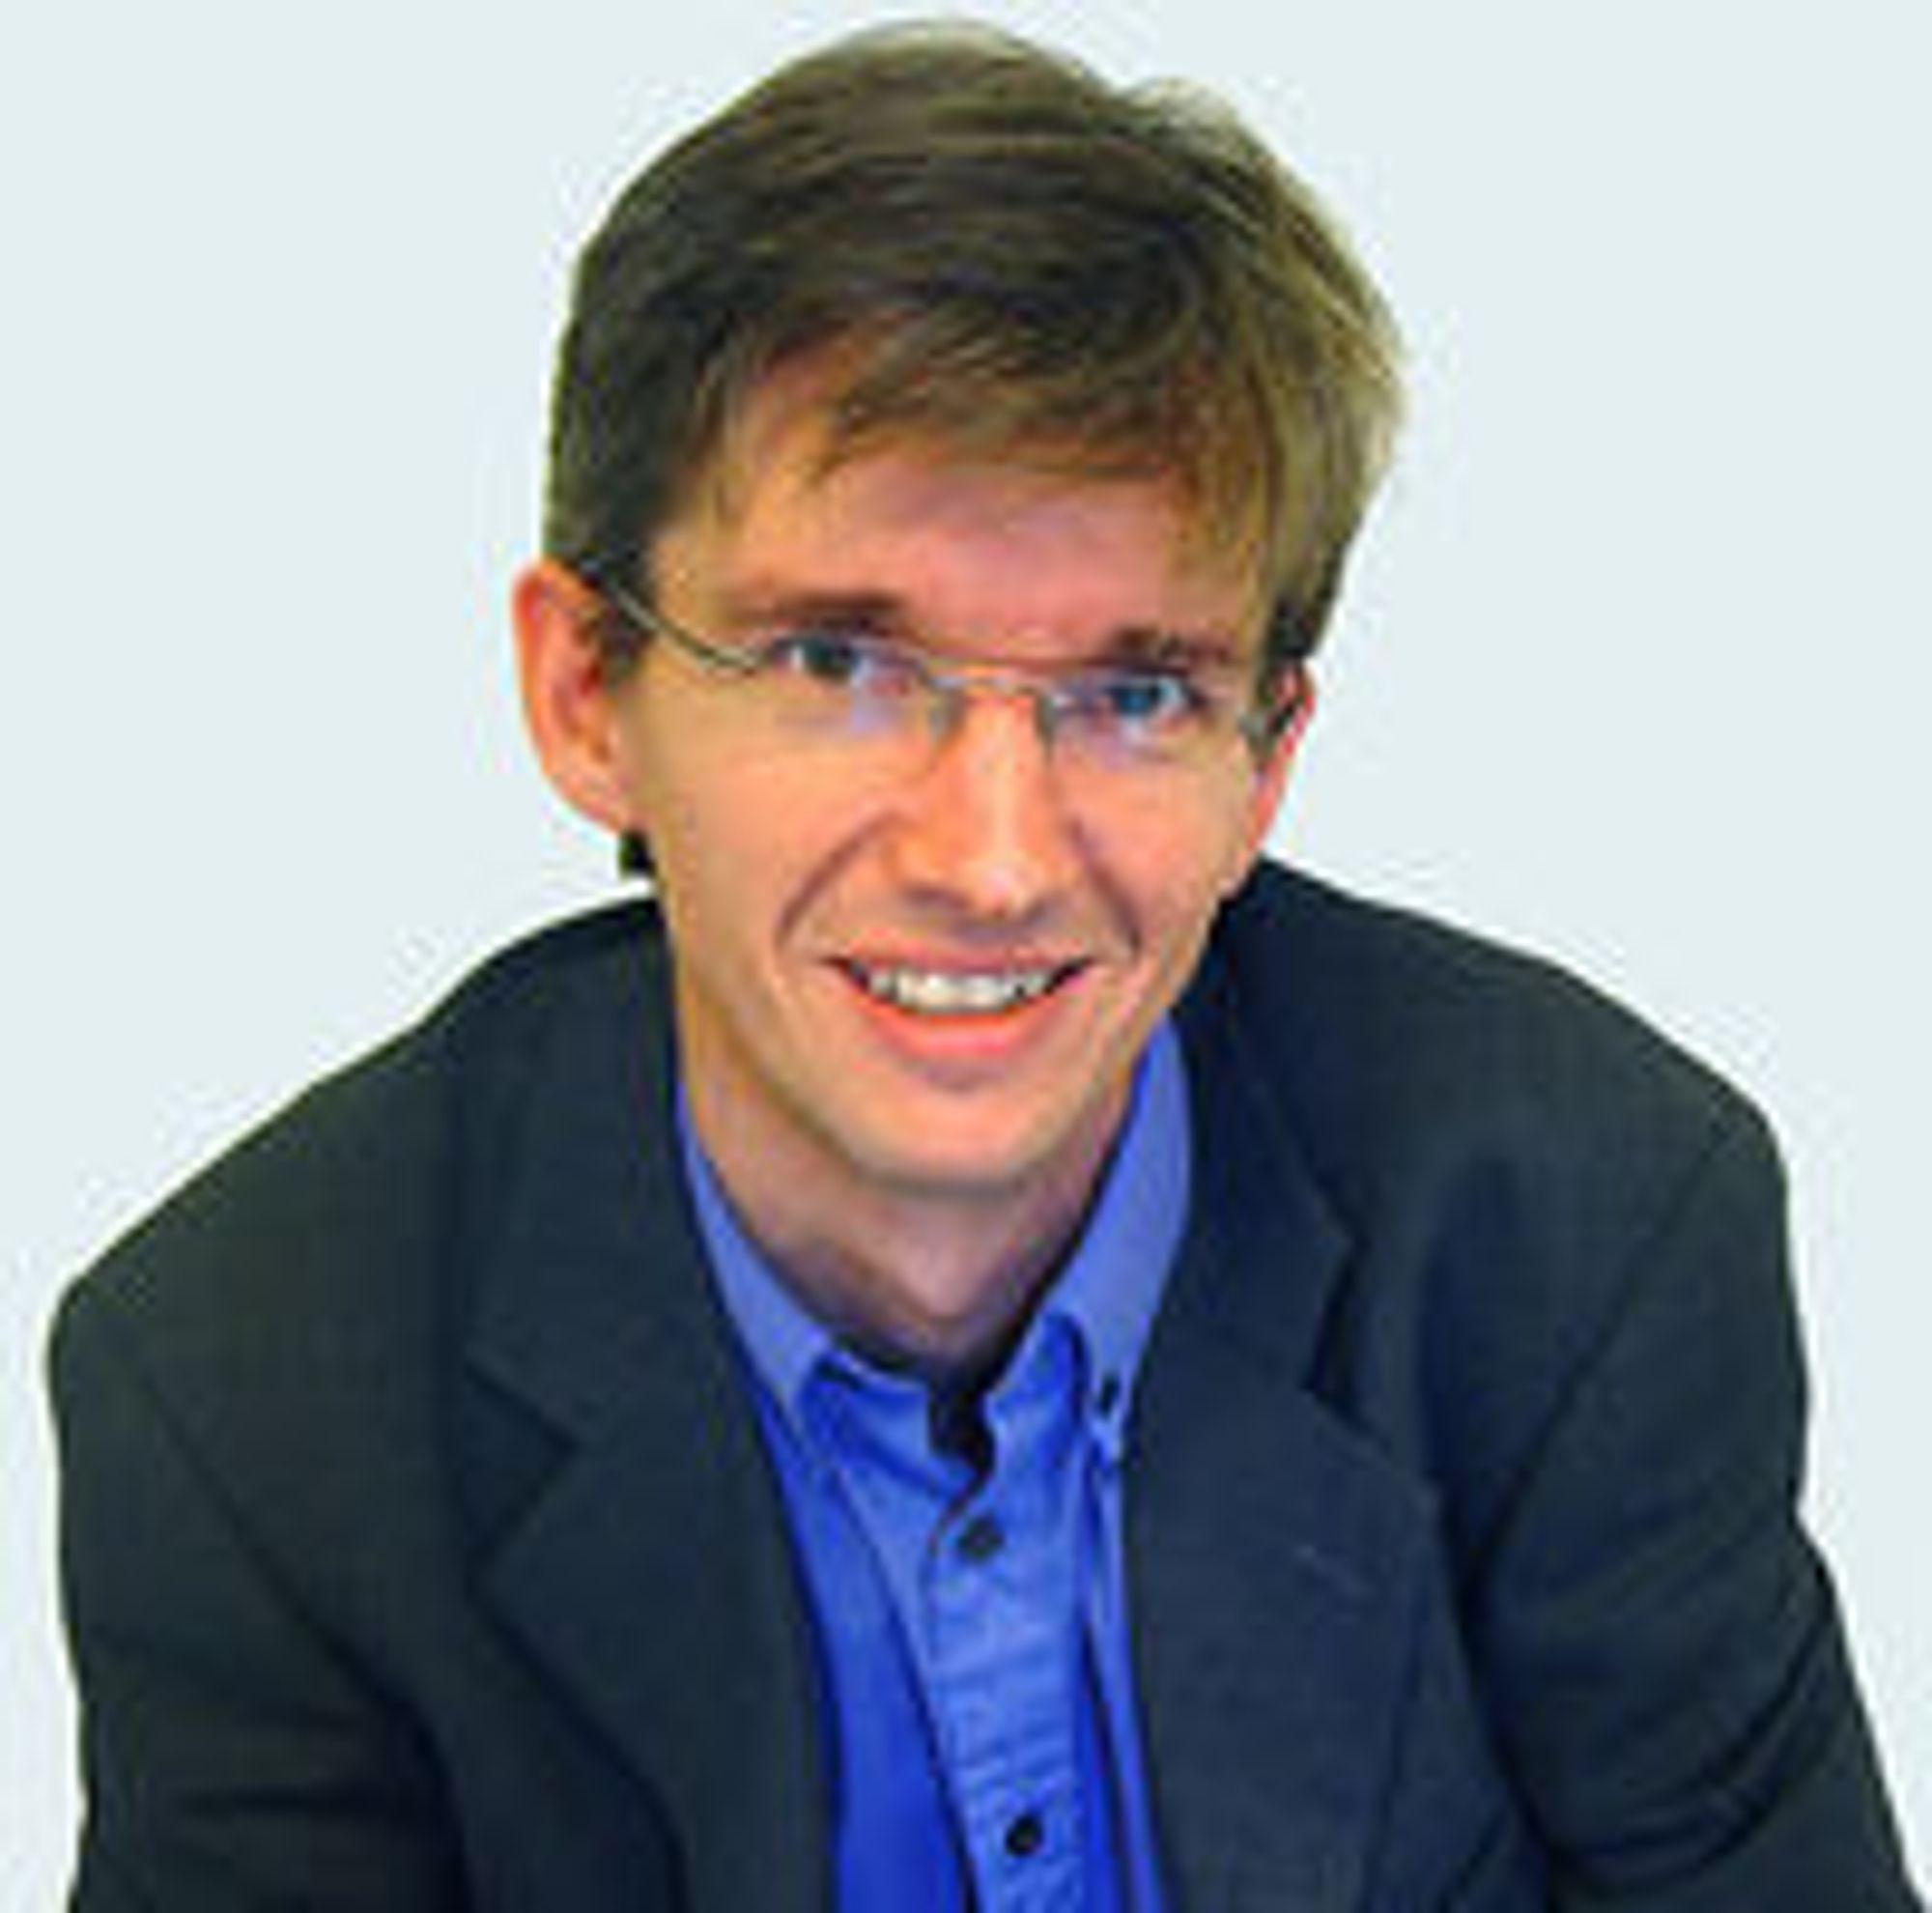 Abelia-sjef Paul Chaffey mener det legges for lite til rette for investering i kunnskap hos norske bedrifter.